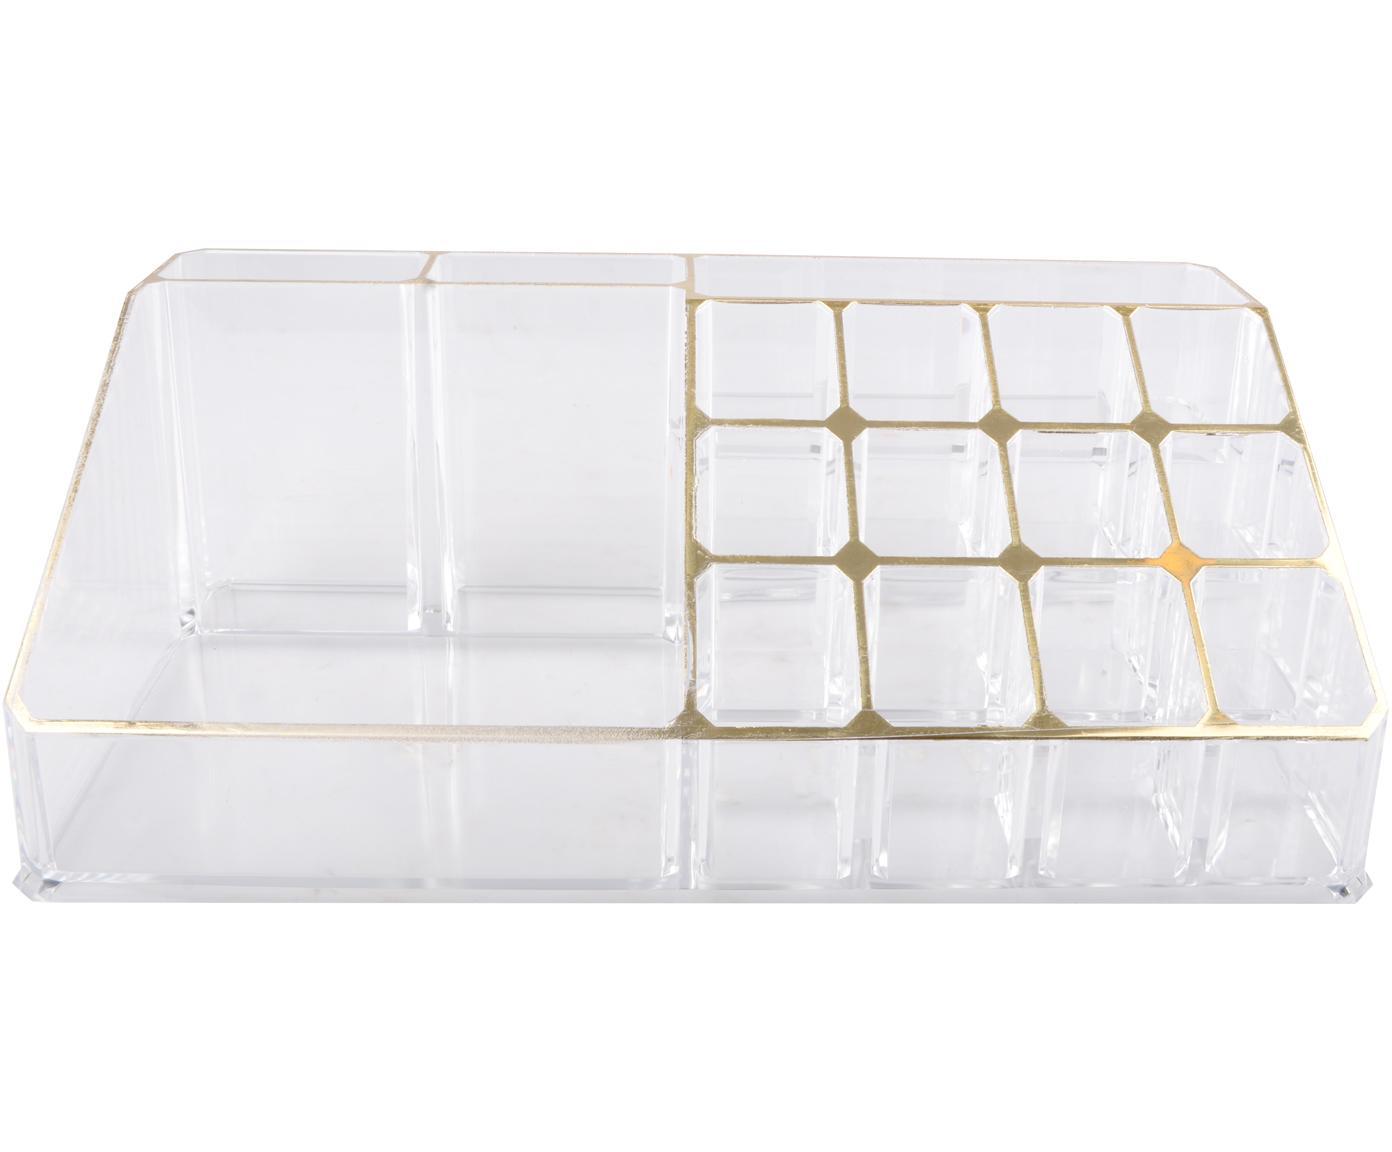 Porta trucchi Malla, Materiale sintetico, Trasparente, dorato, Larg. 22 x Alt. 8 cm